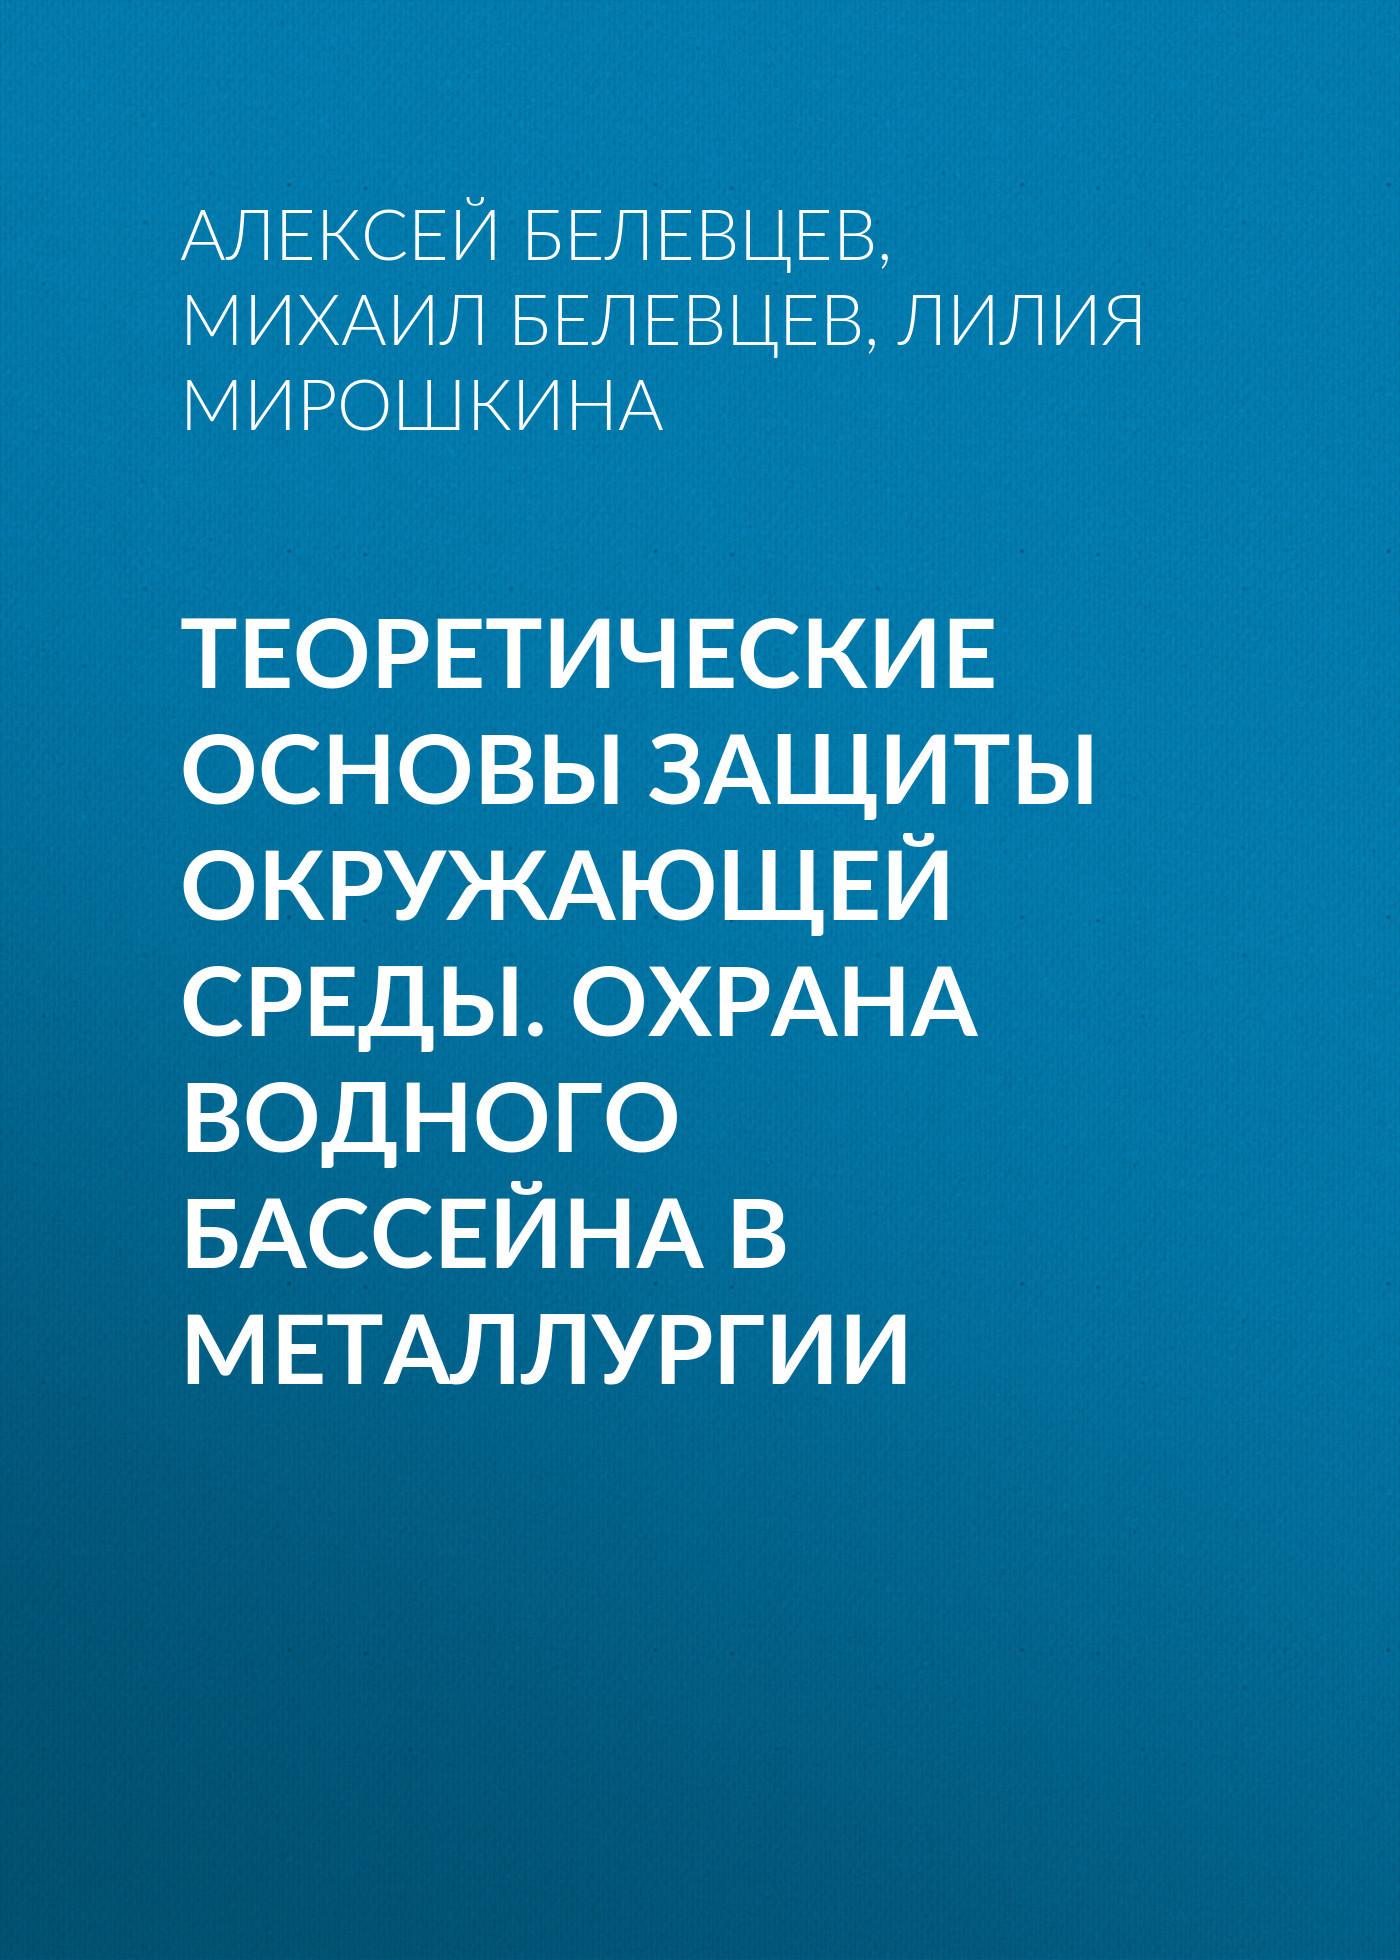 Лилия Мирошкина Теоретические основы защиты окружающей среды. Охрана водного бассейна в металлургии